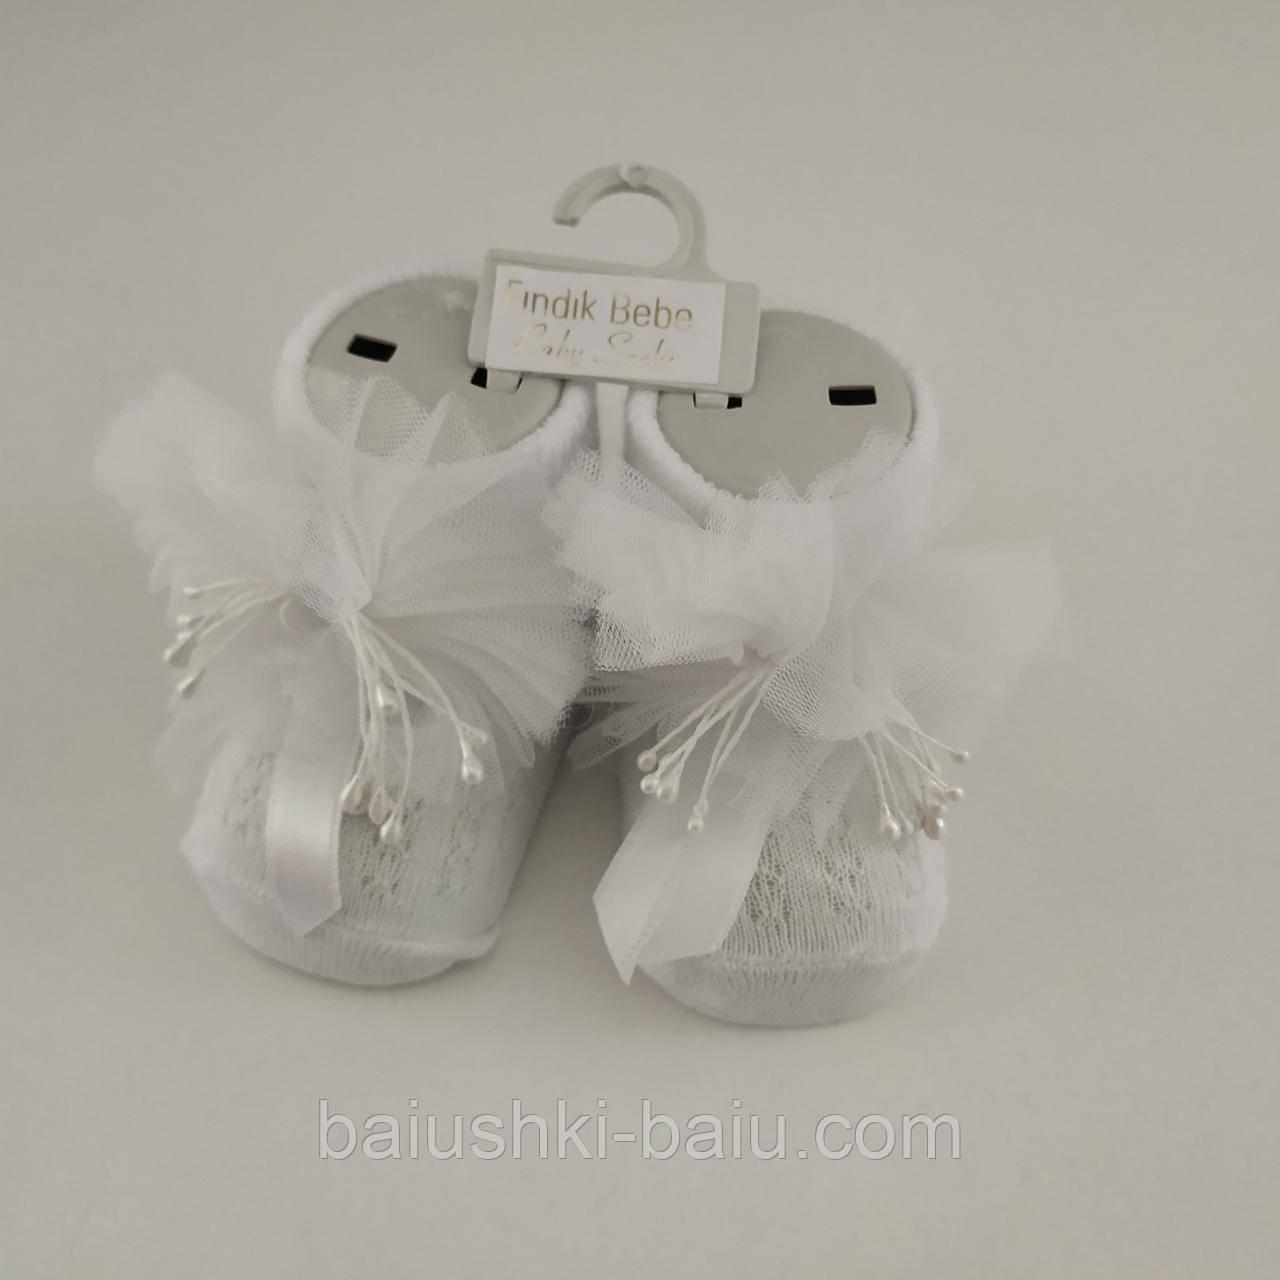 Нарядные носки белые с лентами в роддом, р. 0-1 мес